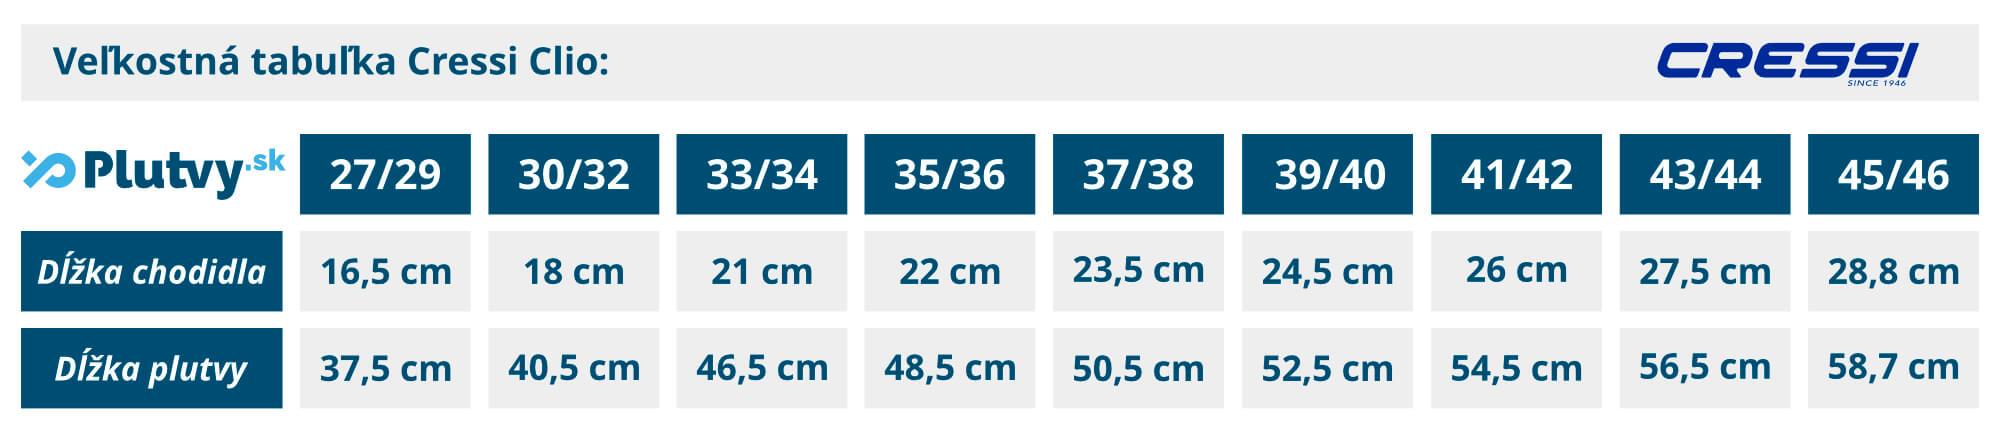 Tabuľka veľkosti detských plutiev Cressi Clio od Plutvy.sk